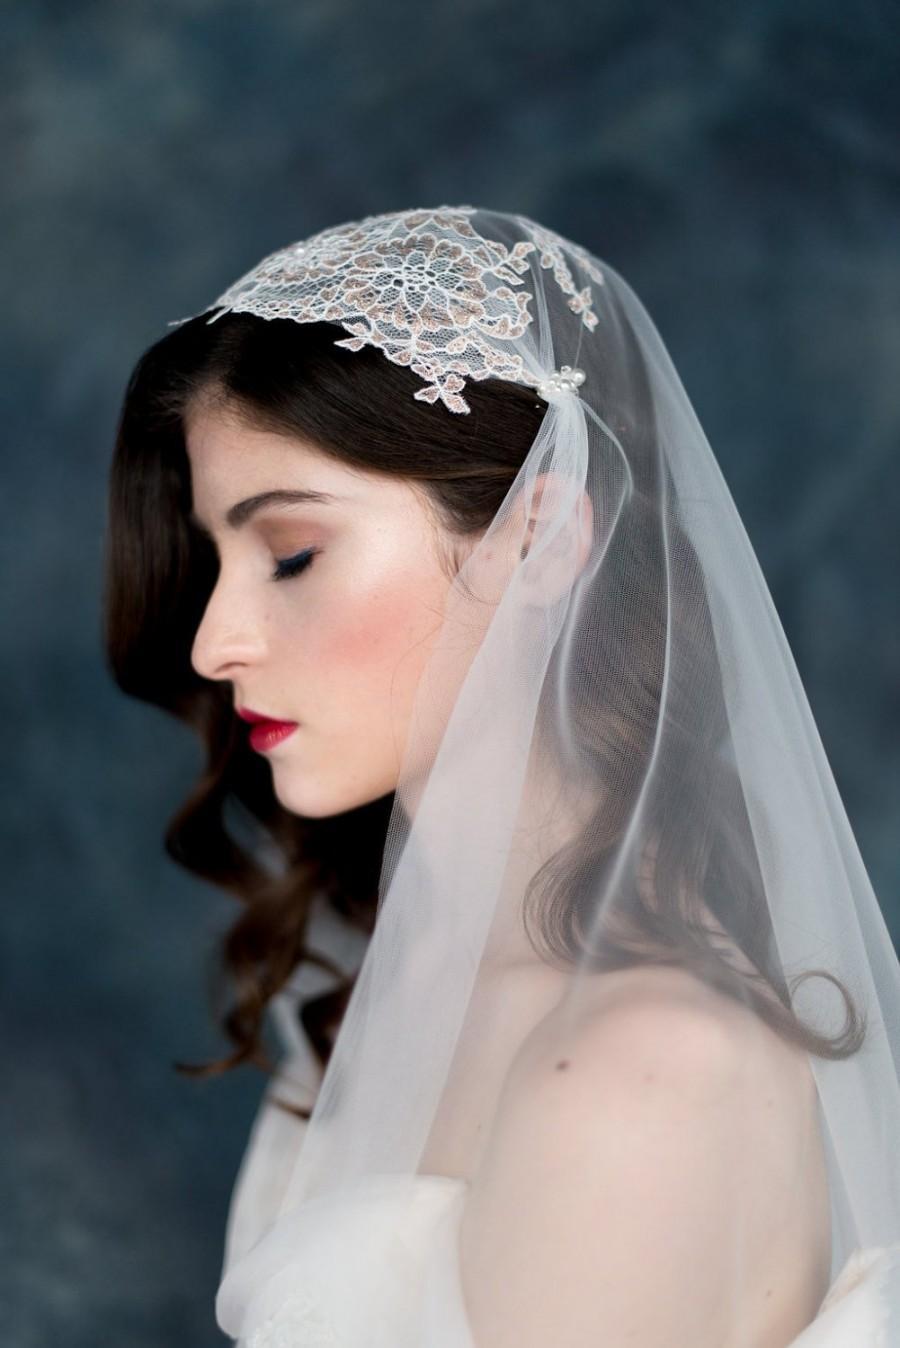 Hochzeit - Rose Gold Juliet Cap Veil, Tulle Juliet Veil, Rose Gold Wedding Veil, Bridal Cap Veil, Wedding Cap Veil, Chantilly Lace Veil, JUNIPER